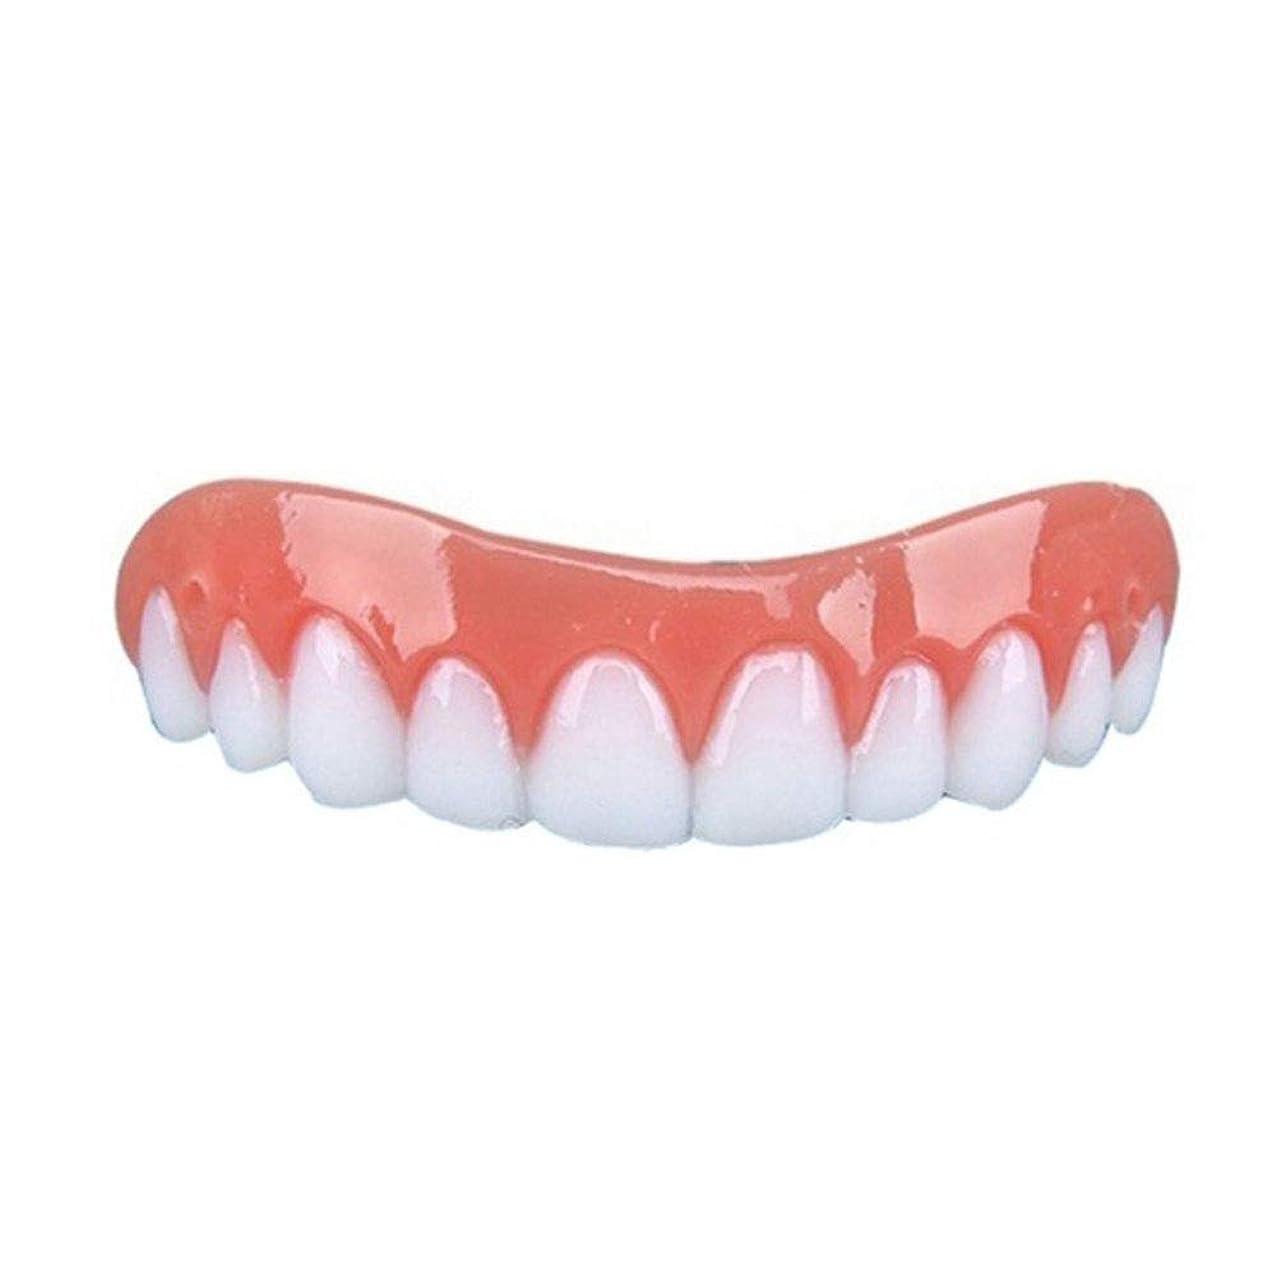 安心病気の乱闘Bartram 歯カバー シリコン義歯ペースト 上歯 笑顔を保つ 歯保護 美容用 入れ歯 矯正義歯